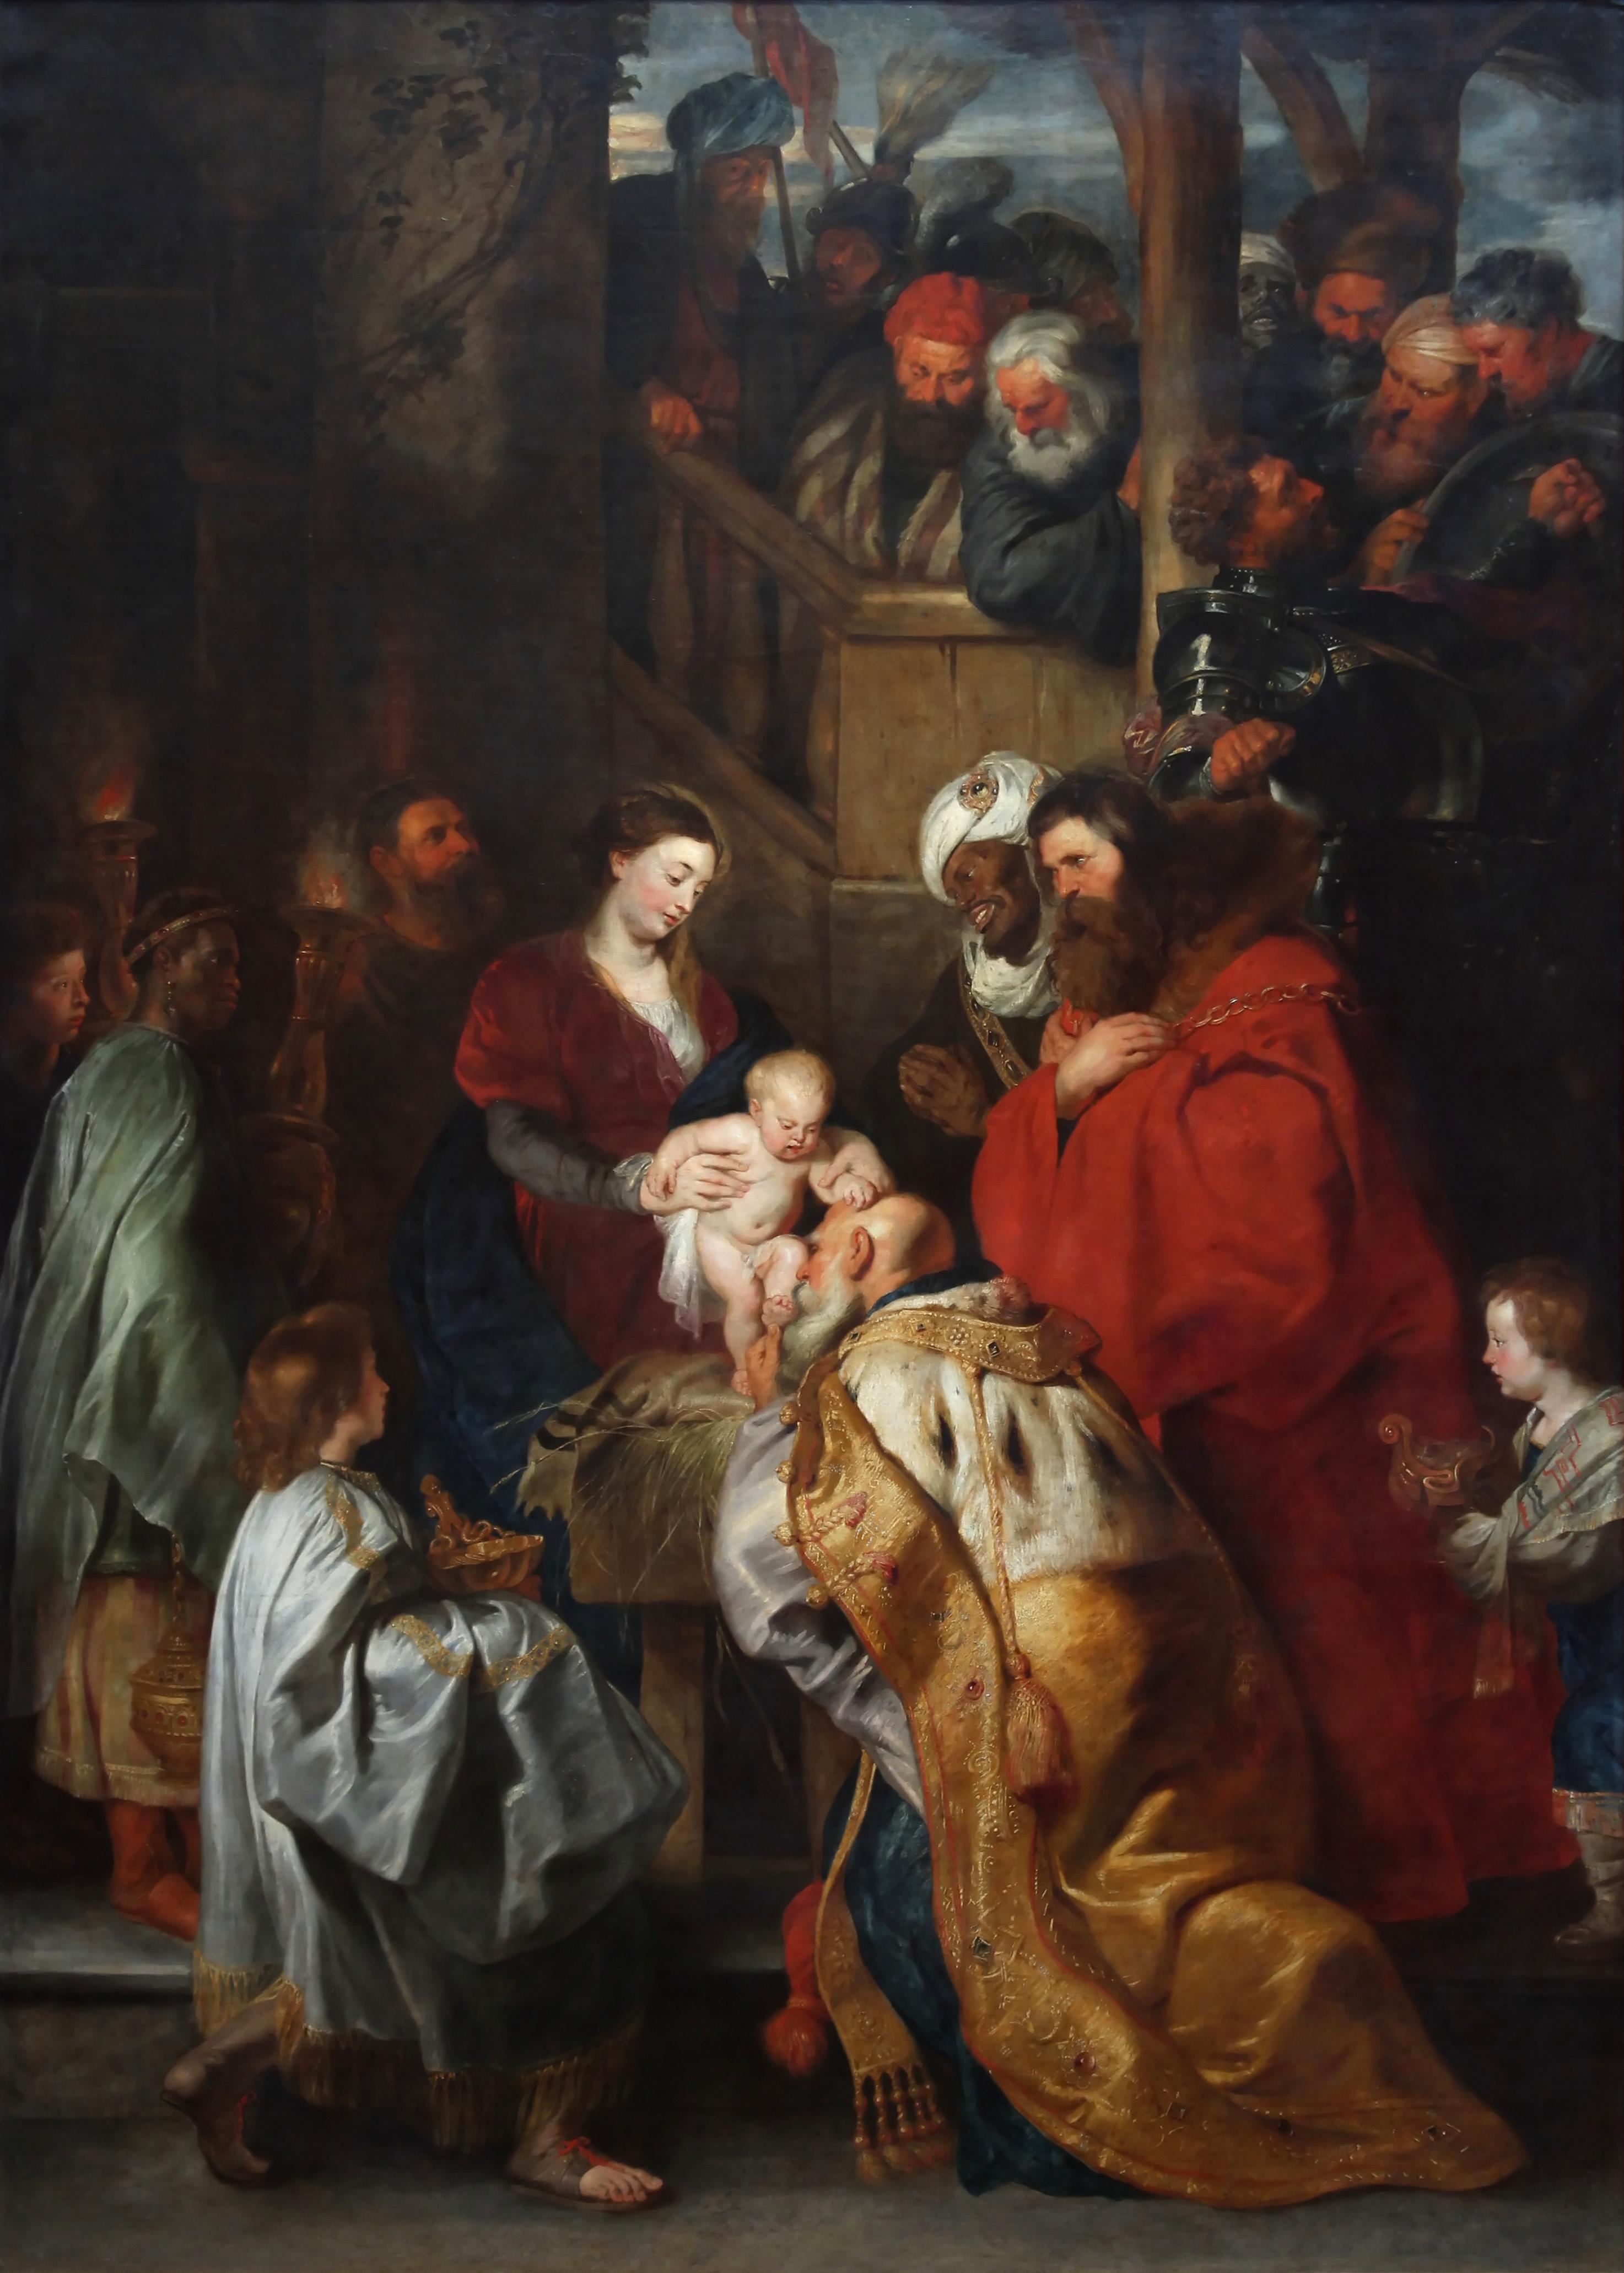 Peter Paul Rubens (1577-1640). Aanbidding der wijzen © Koninklijke Musea voor Schone Kunsten van België Brussel, Wikimedia Commons